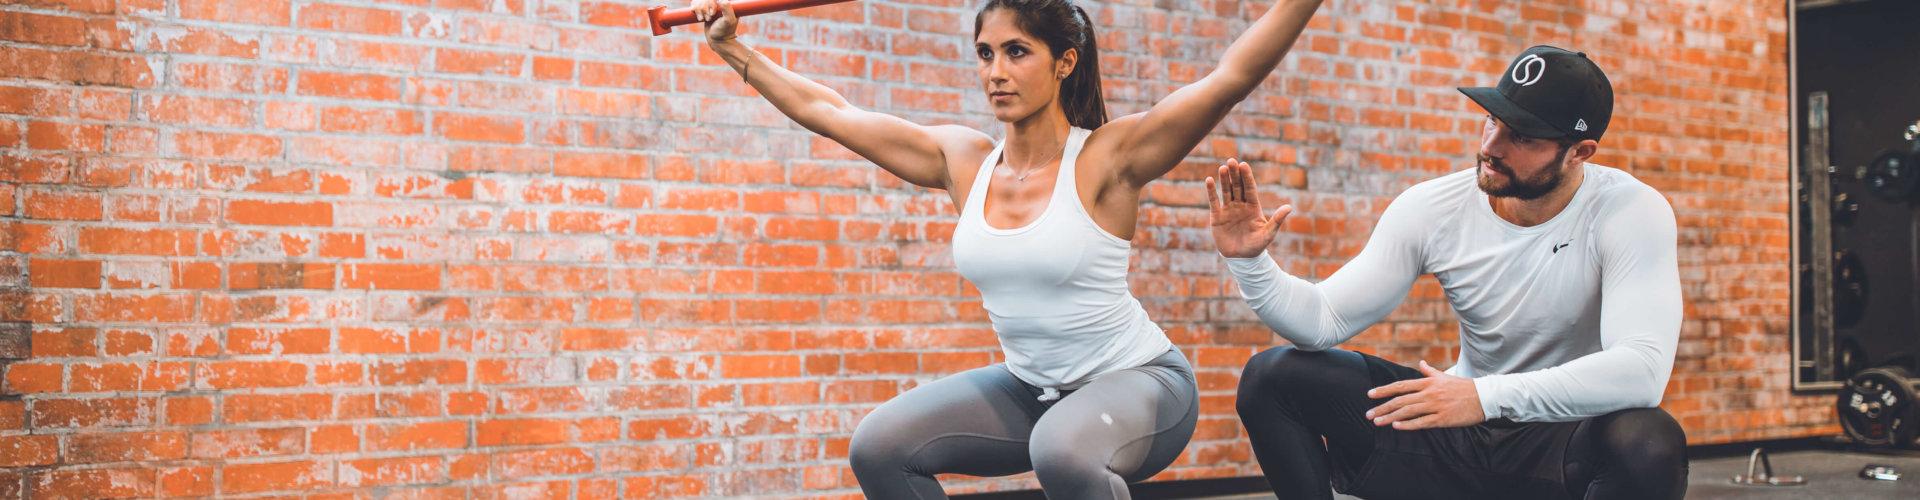 Verspannungen, muskuläre Dysbalancen, etc. wirken sich EXTREM negativ auf deine Optik, dein Wohlbefinden und deine Hormone aus.